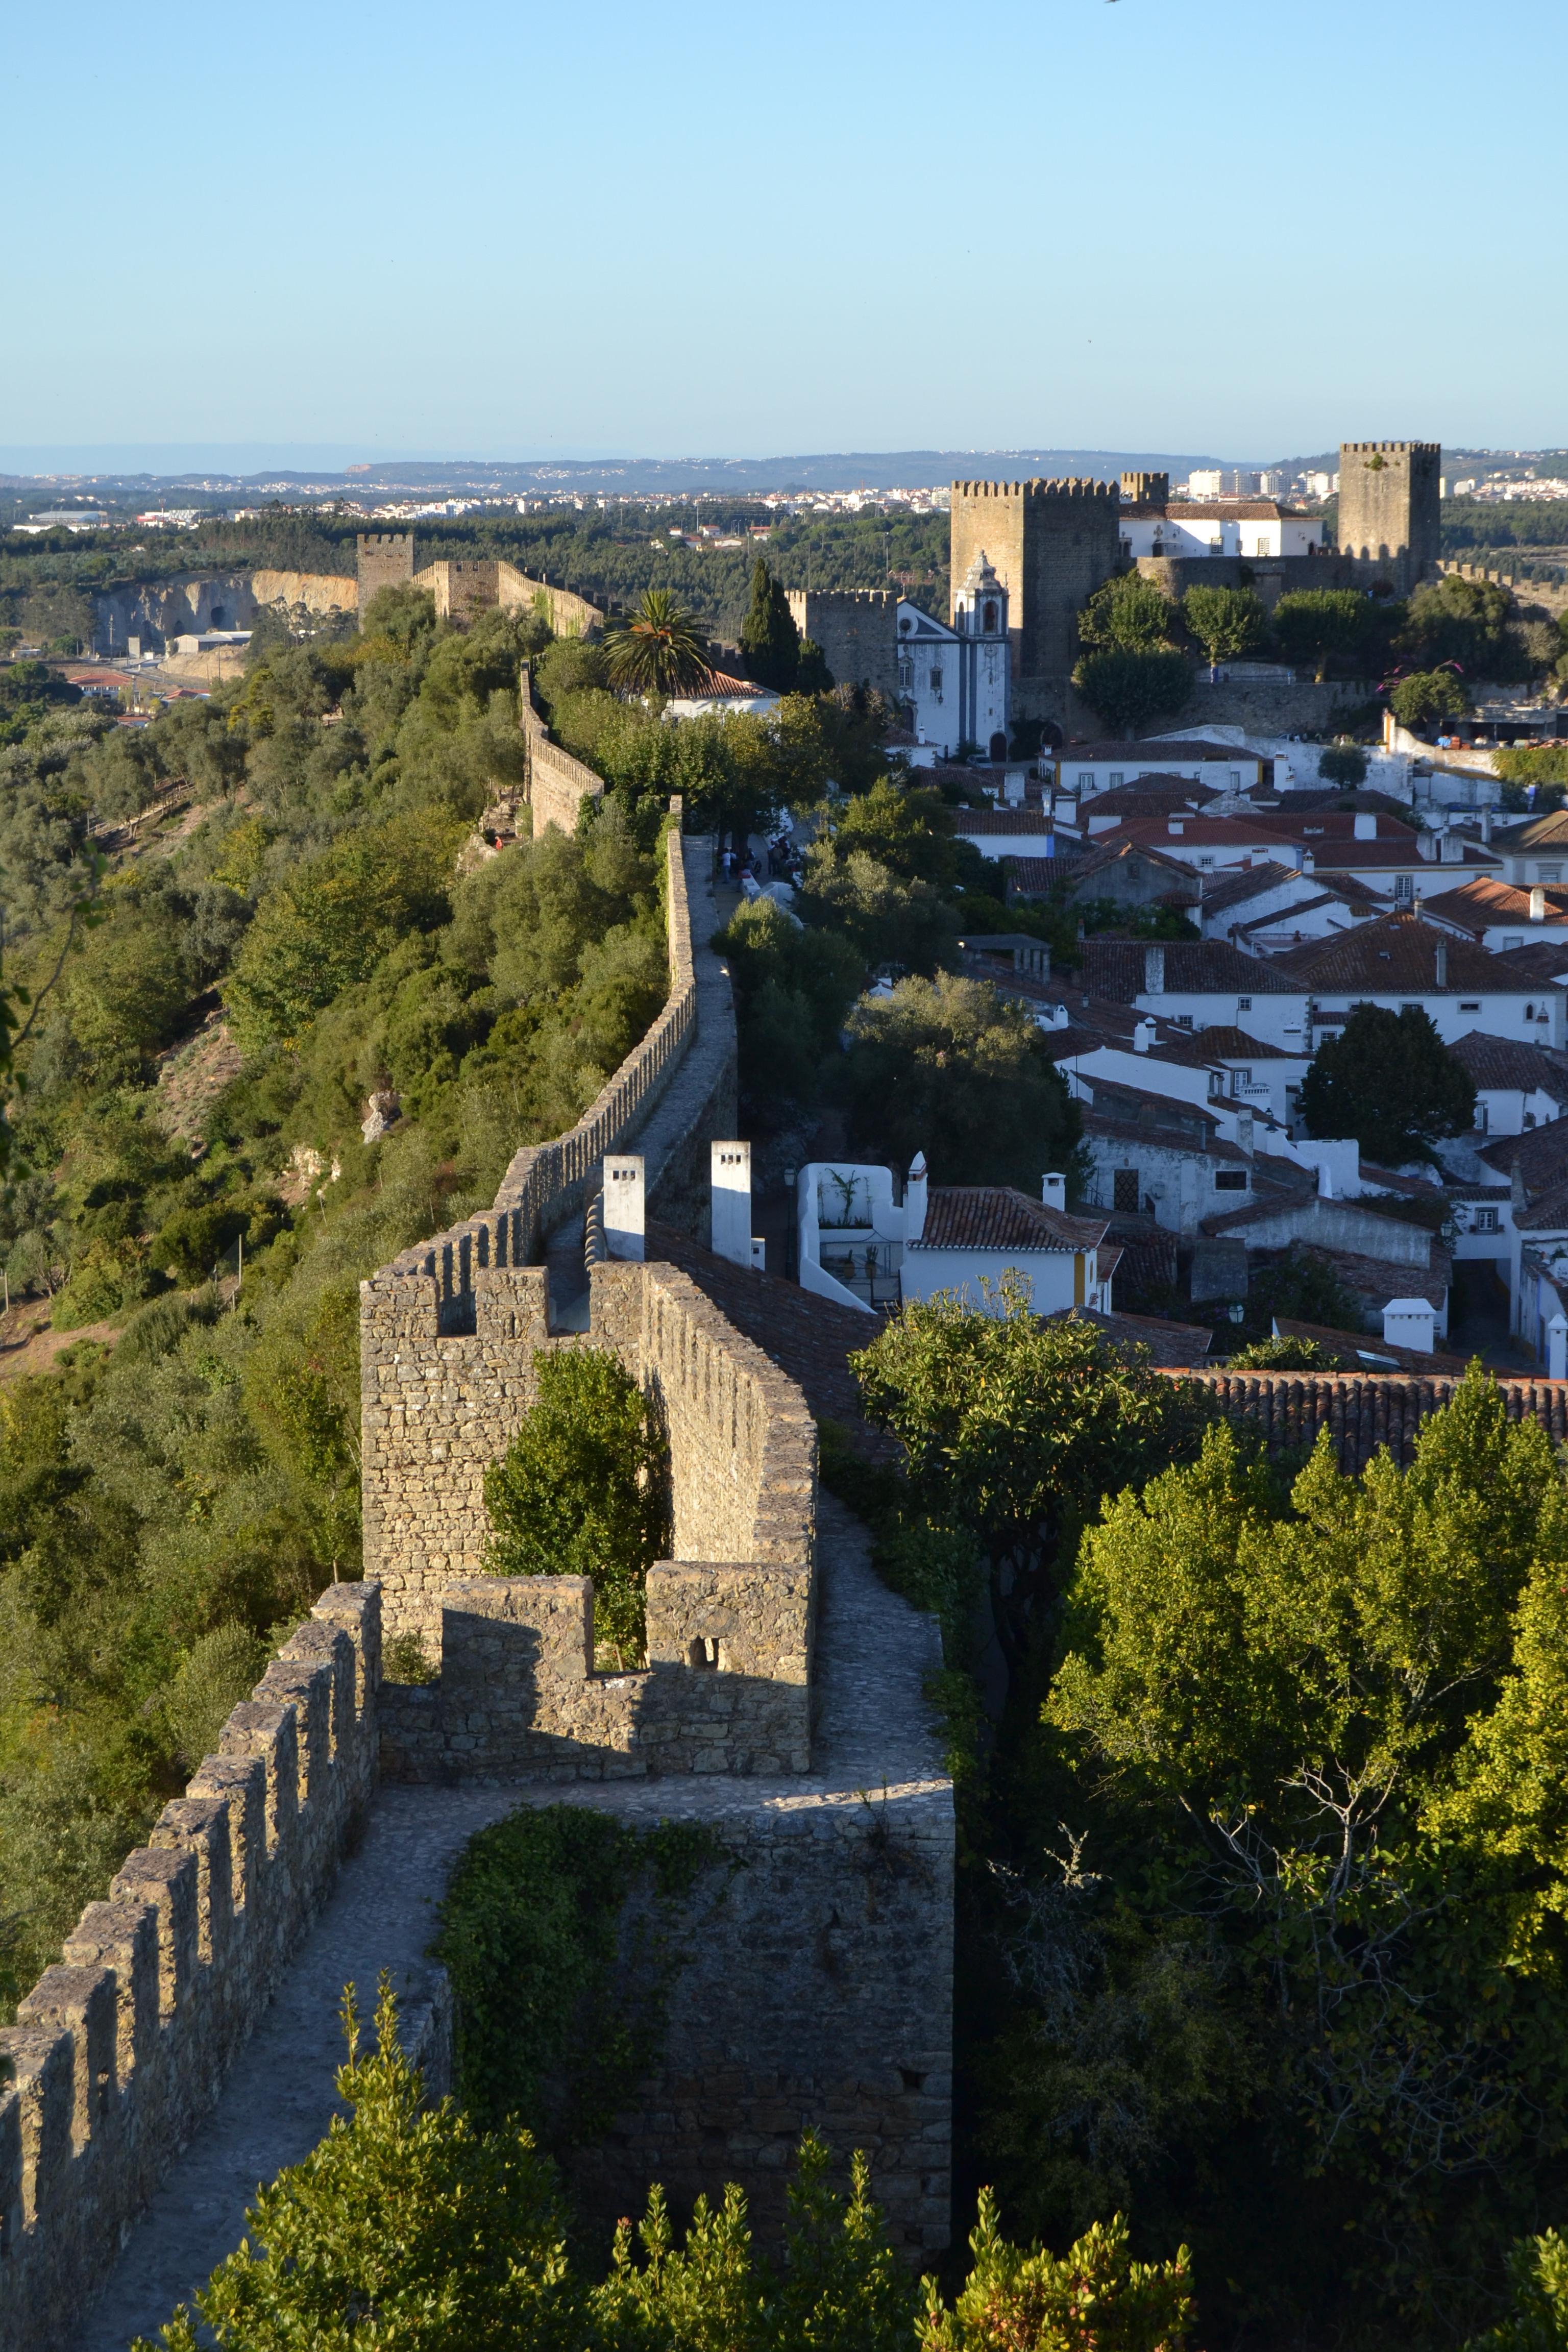 Vista_da_Vila_de_Óbidos.jpg